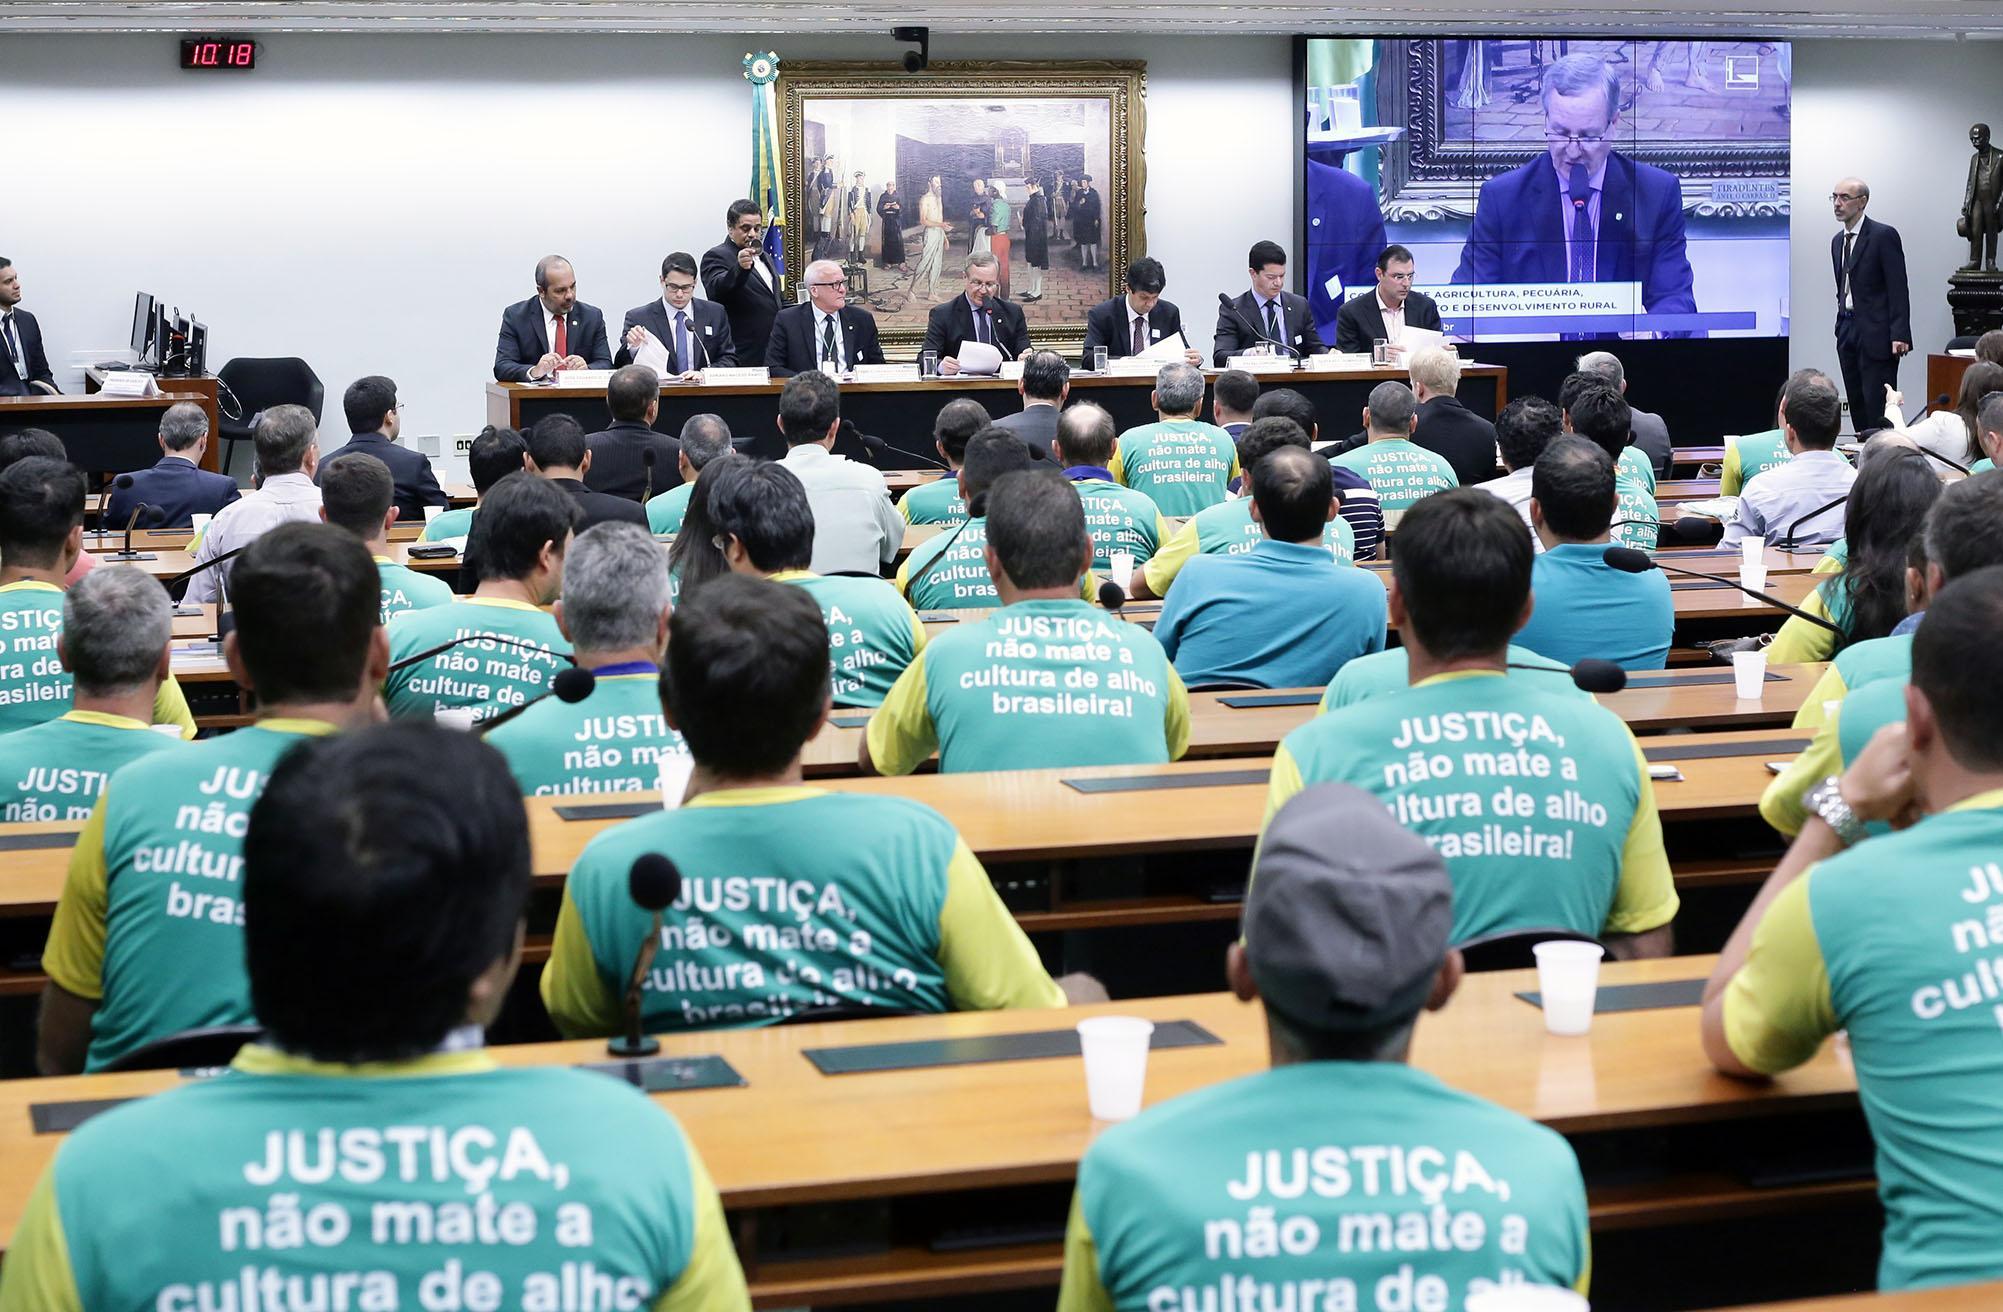 Audiência pública sobre os impactos da importação de cebola e alho na produção nacional, a fim de buscar soluções e discutir políticas públicas para o setor